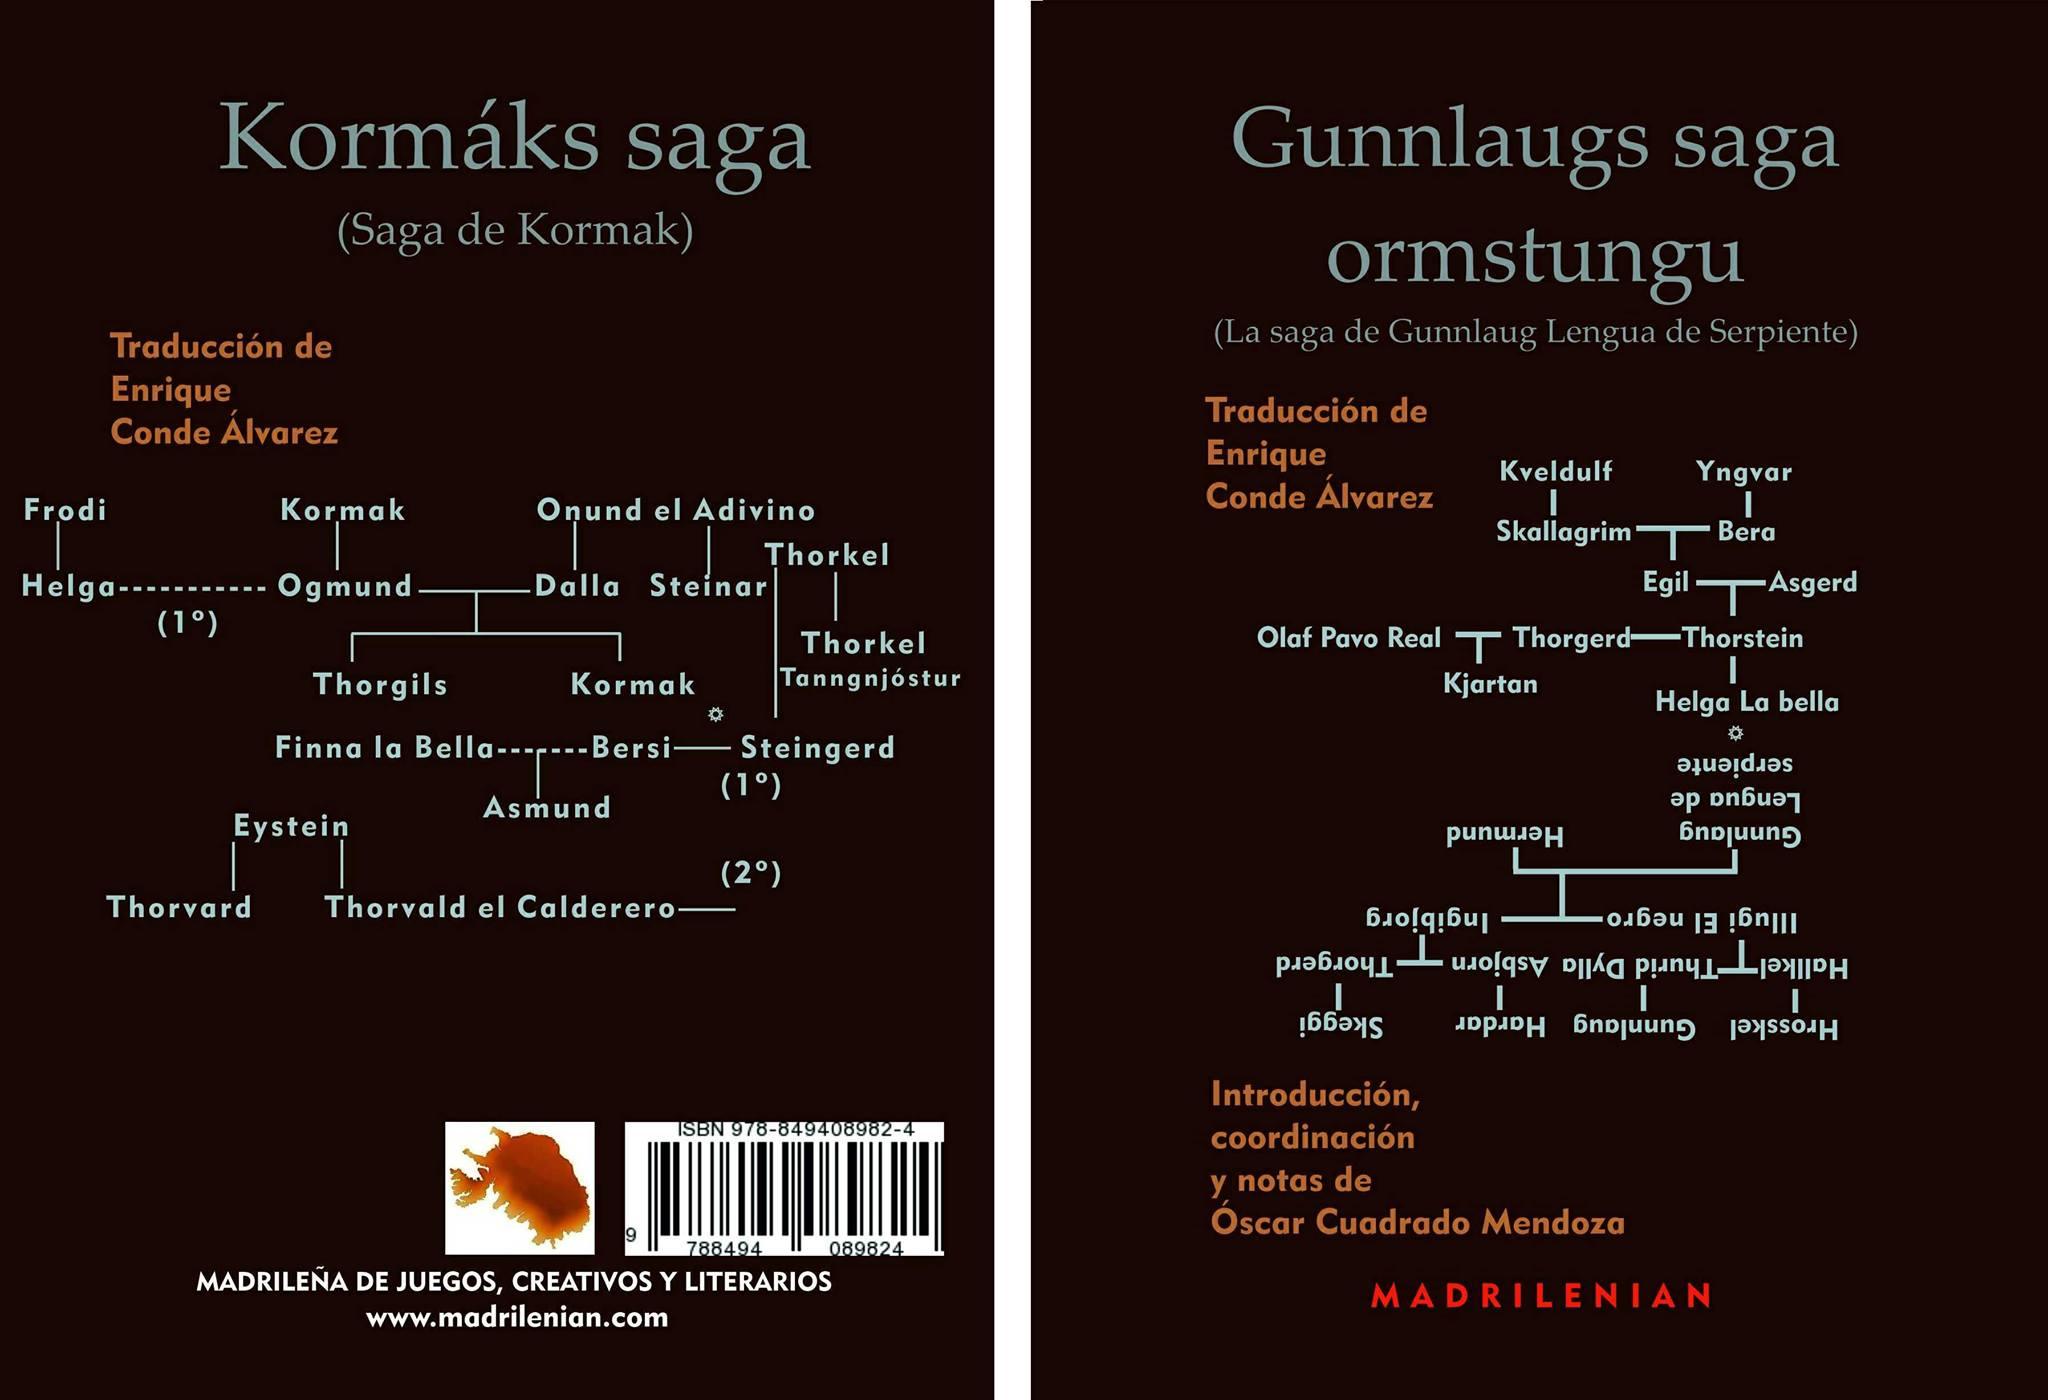 Gunnlaugs saga ormstungu; Kormáks saga